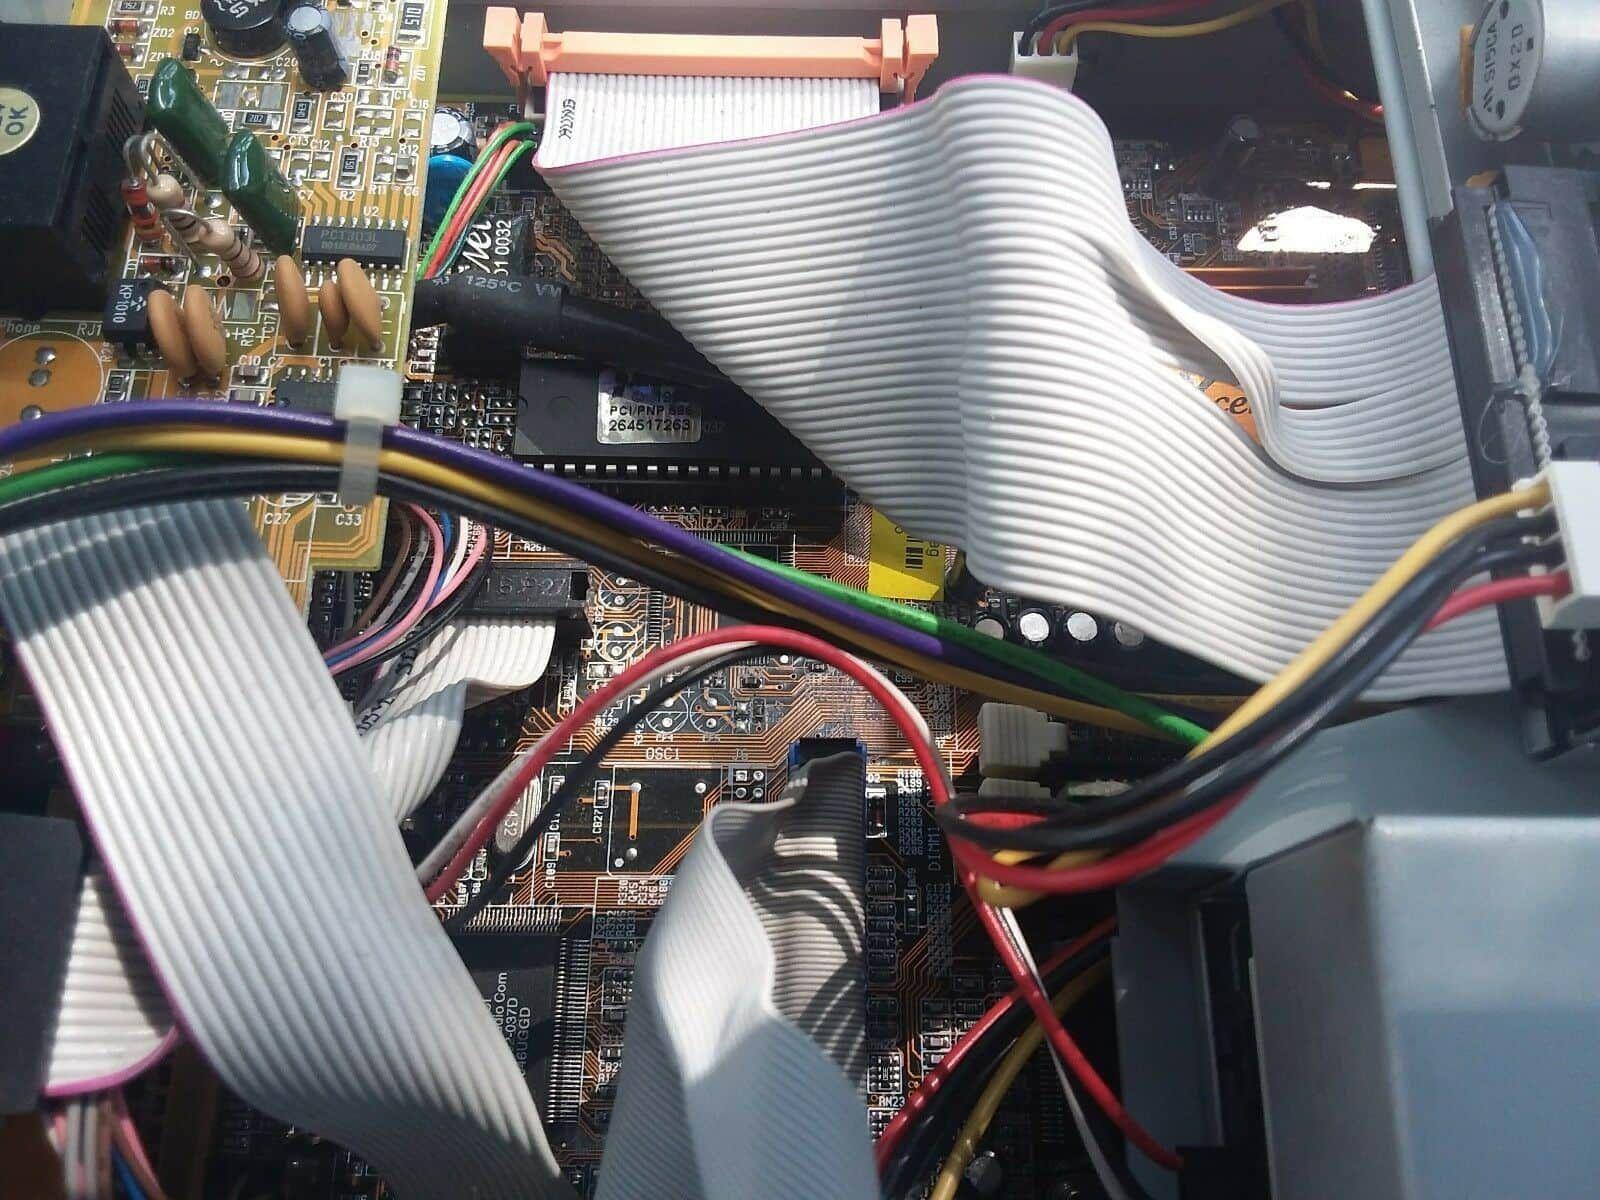 SPARC station model 630